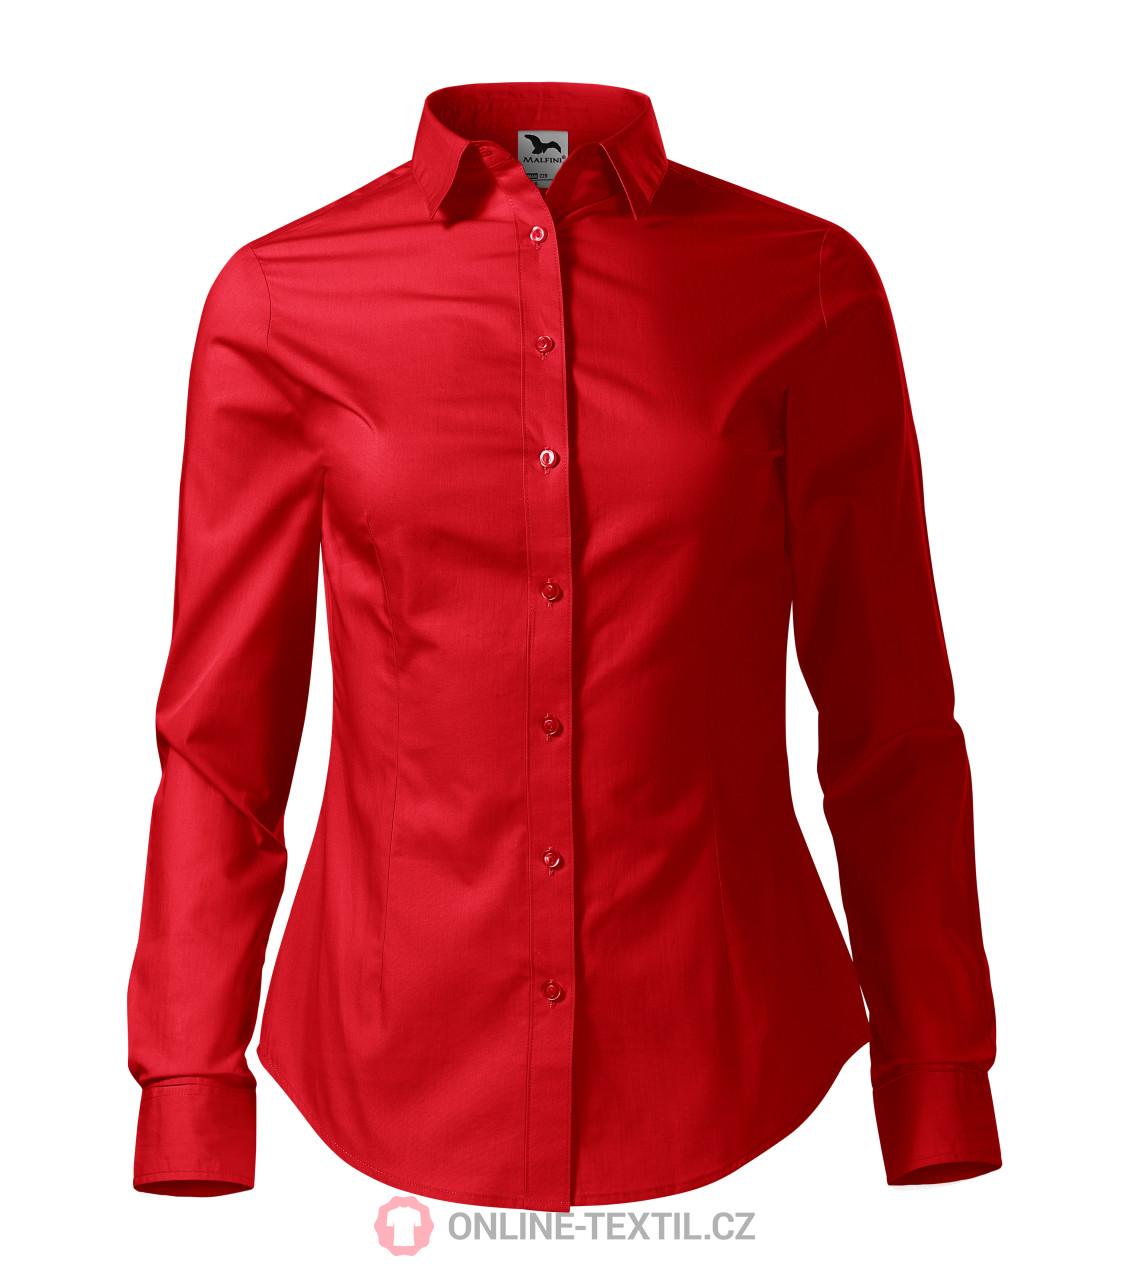 ADLER CZECH Dámská košile Style LS s dlouhým rukávem 229 - červená z ... acc7be17cb